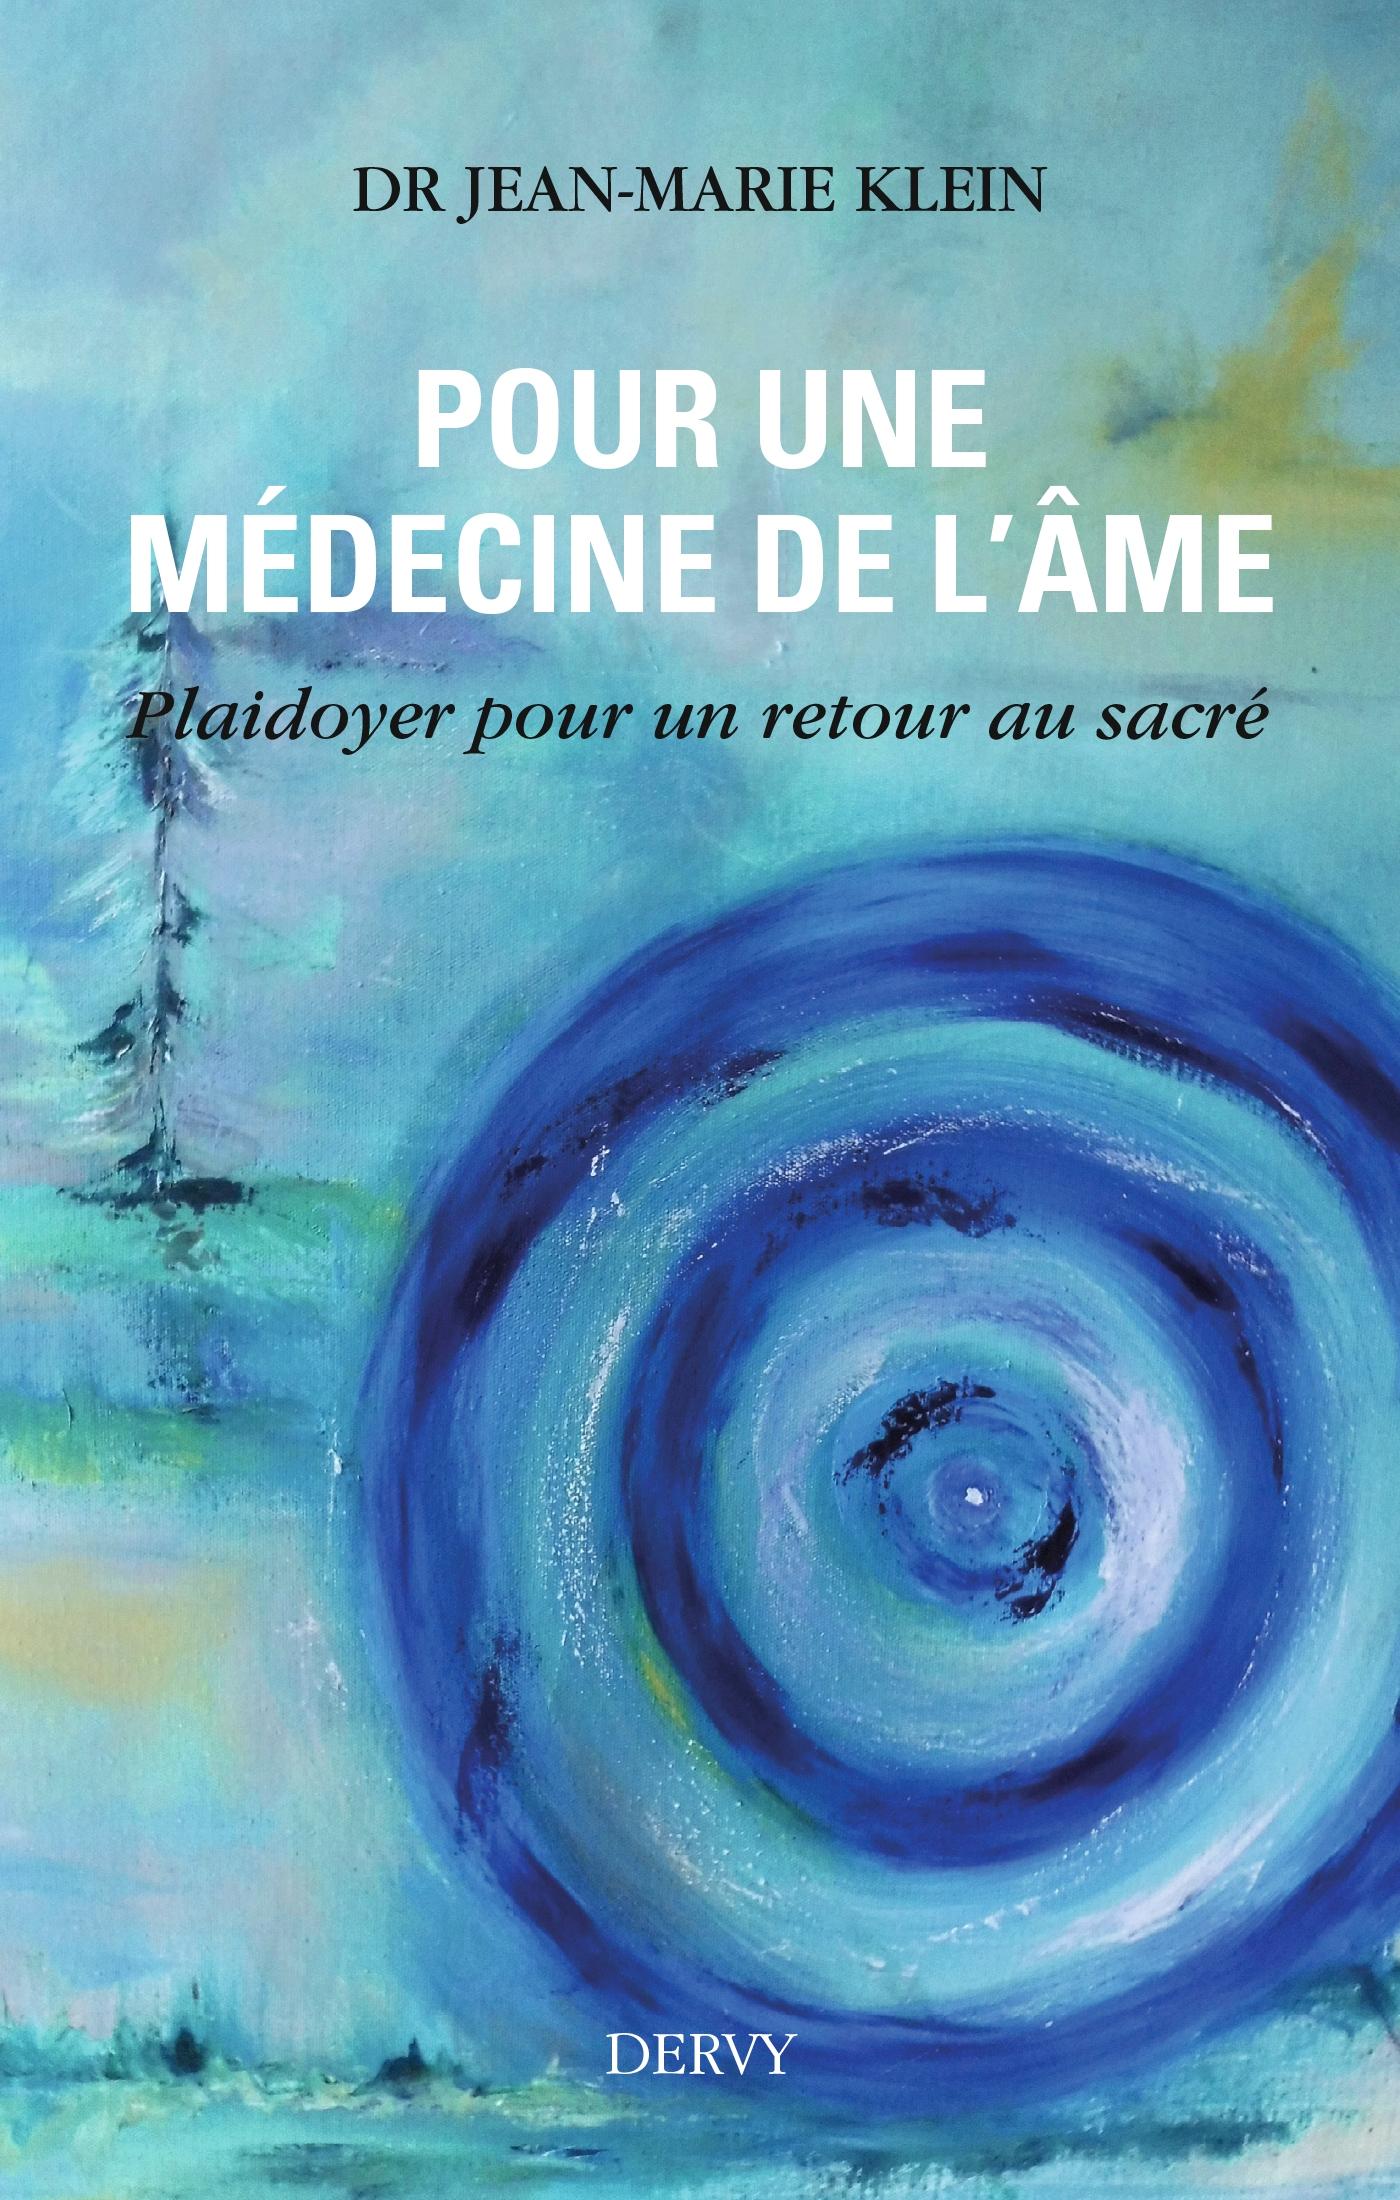 Pour une médecine de l'âme